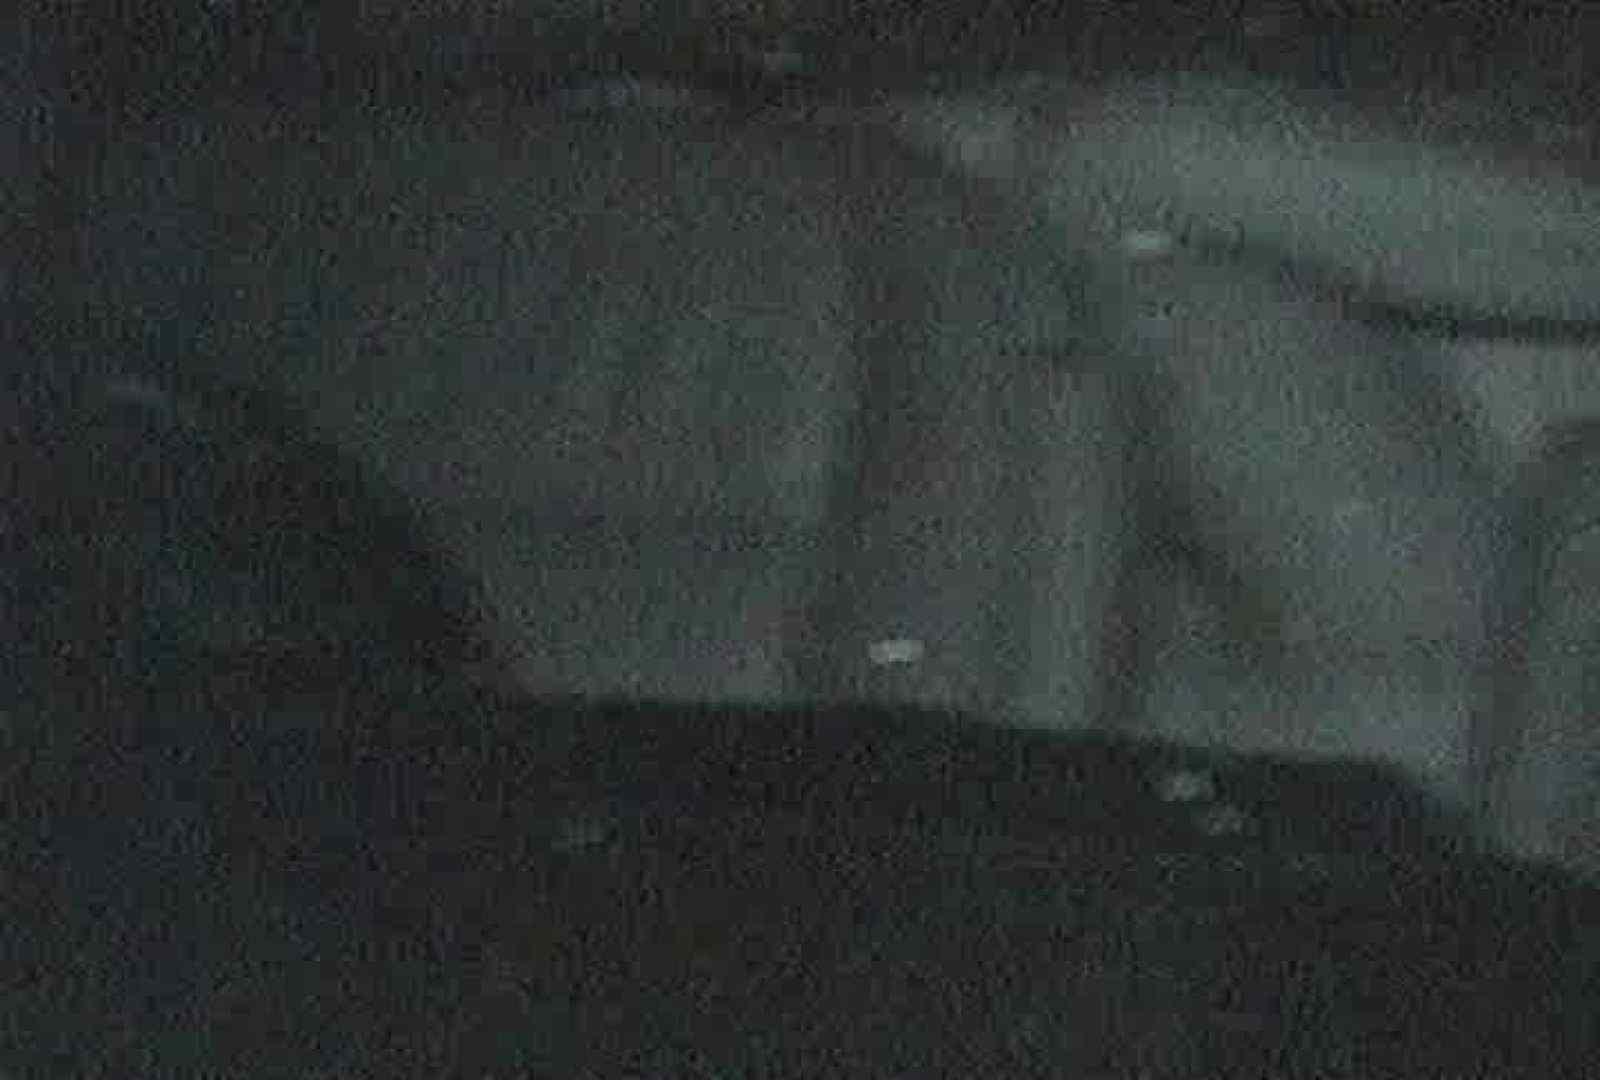 充血監督の深夜の運動会Vol.93 アナル 盗撮われめAV動画紹介 79pic 77